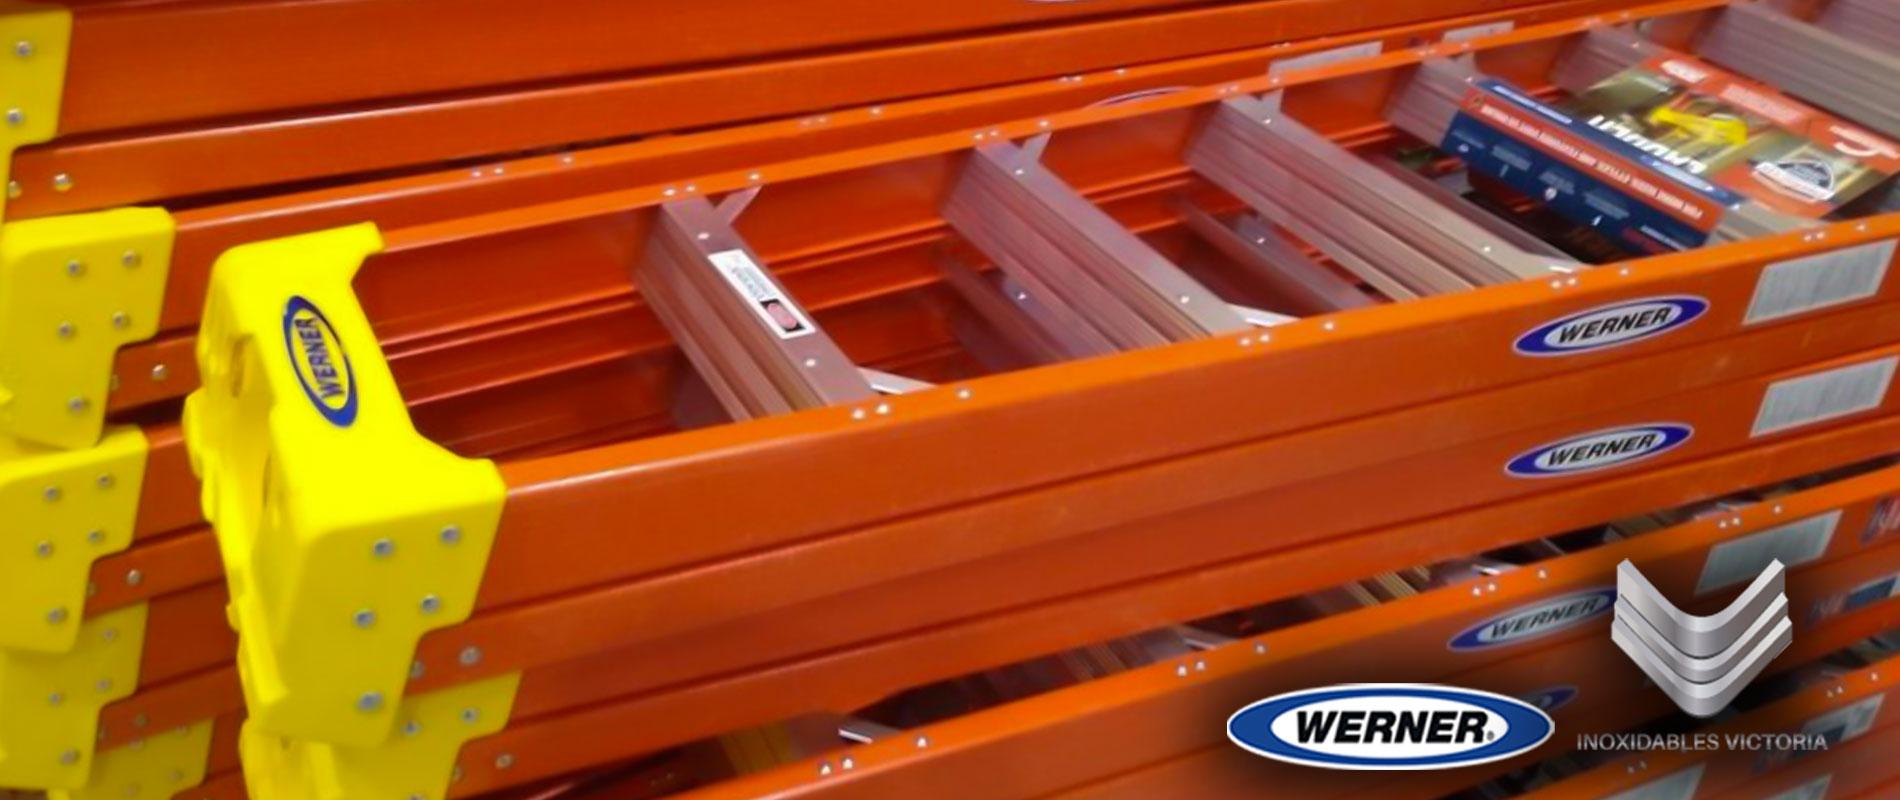 venta de escaleras de fibra de vidrio marca werner